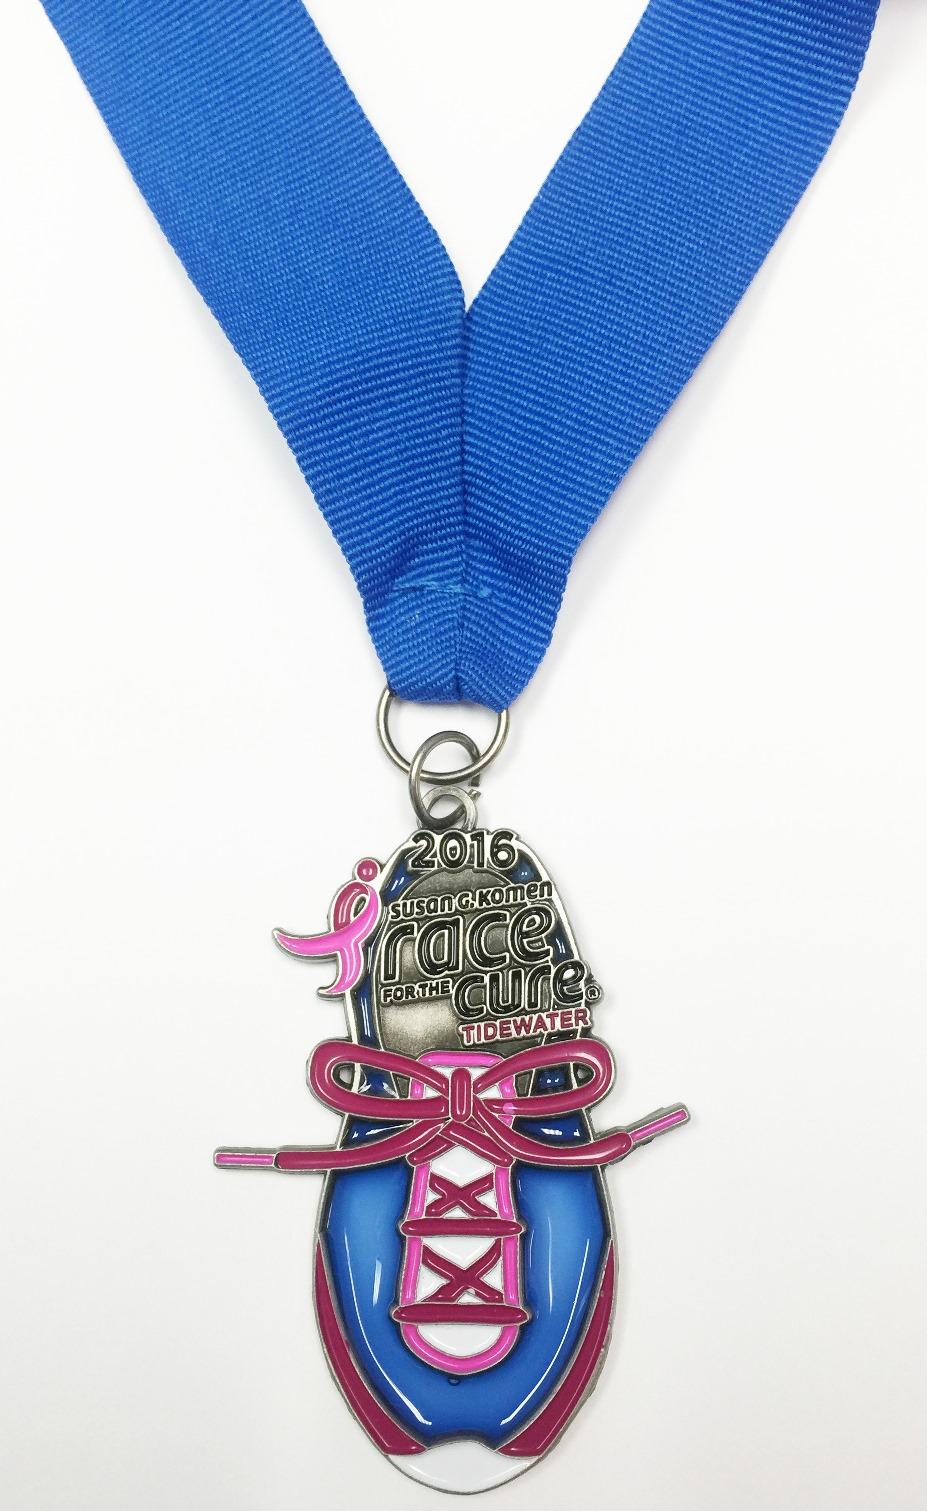 medals 2016